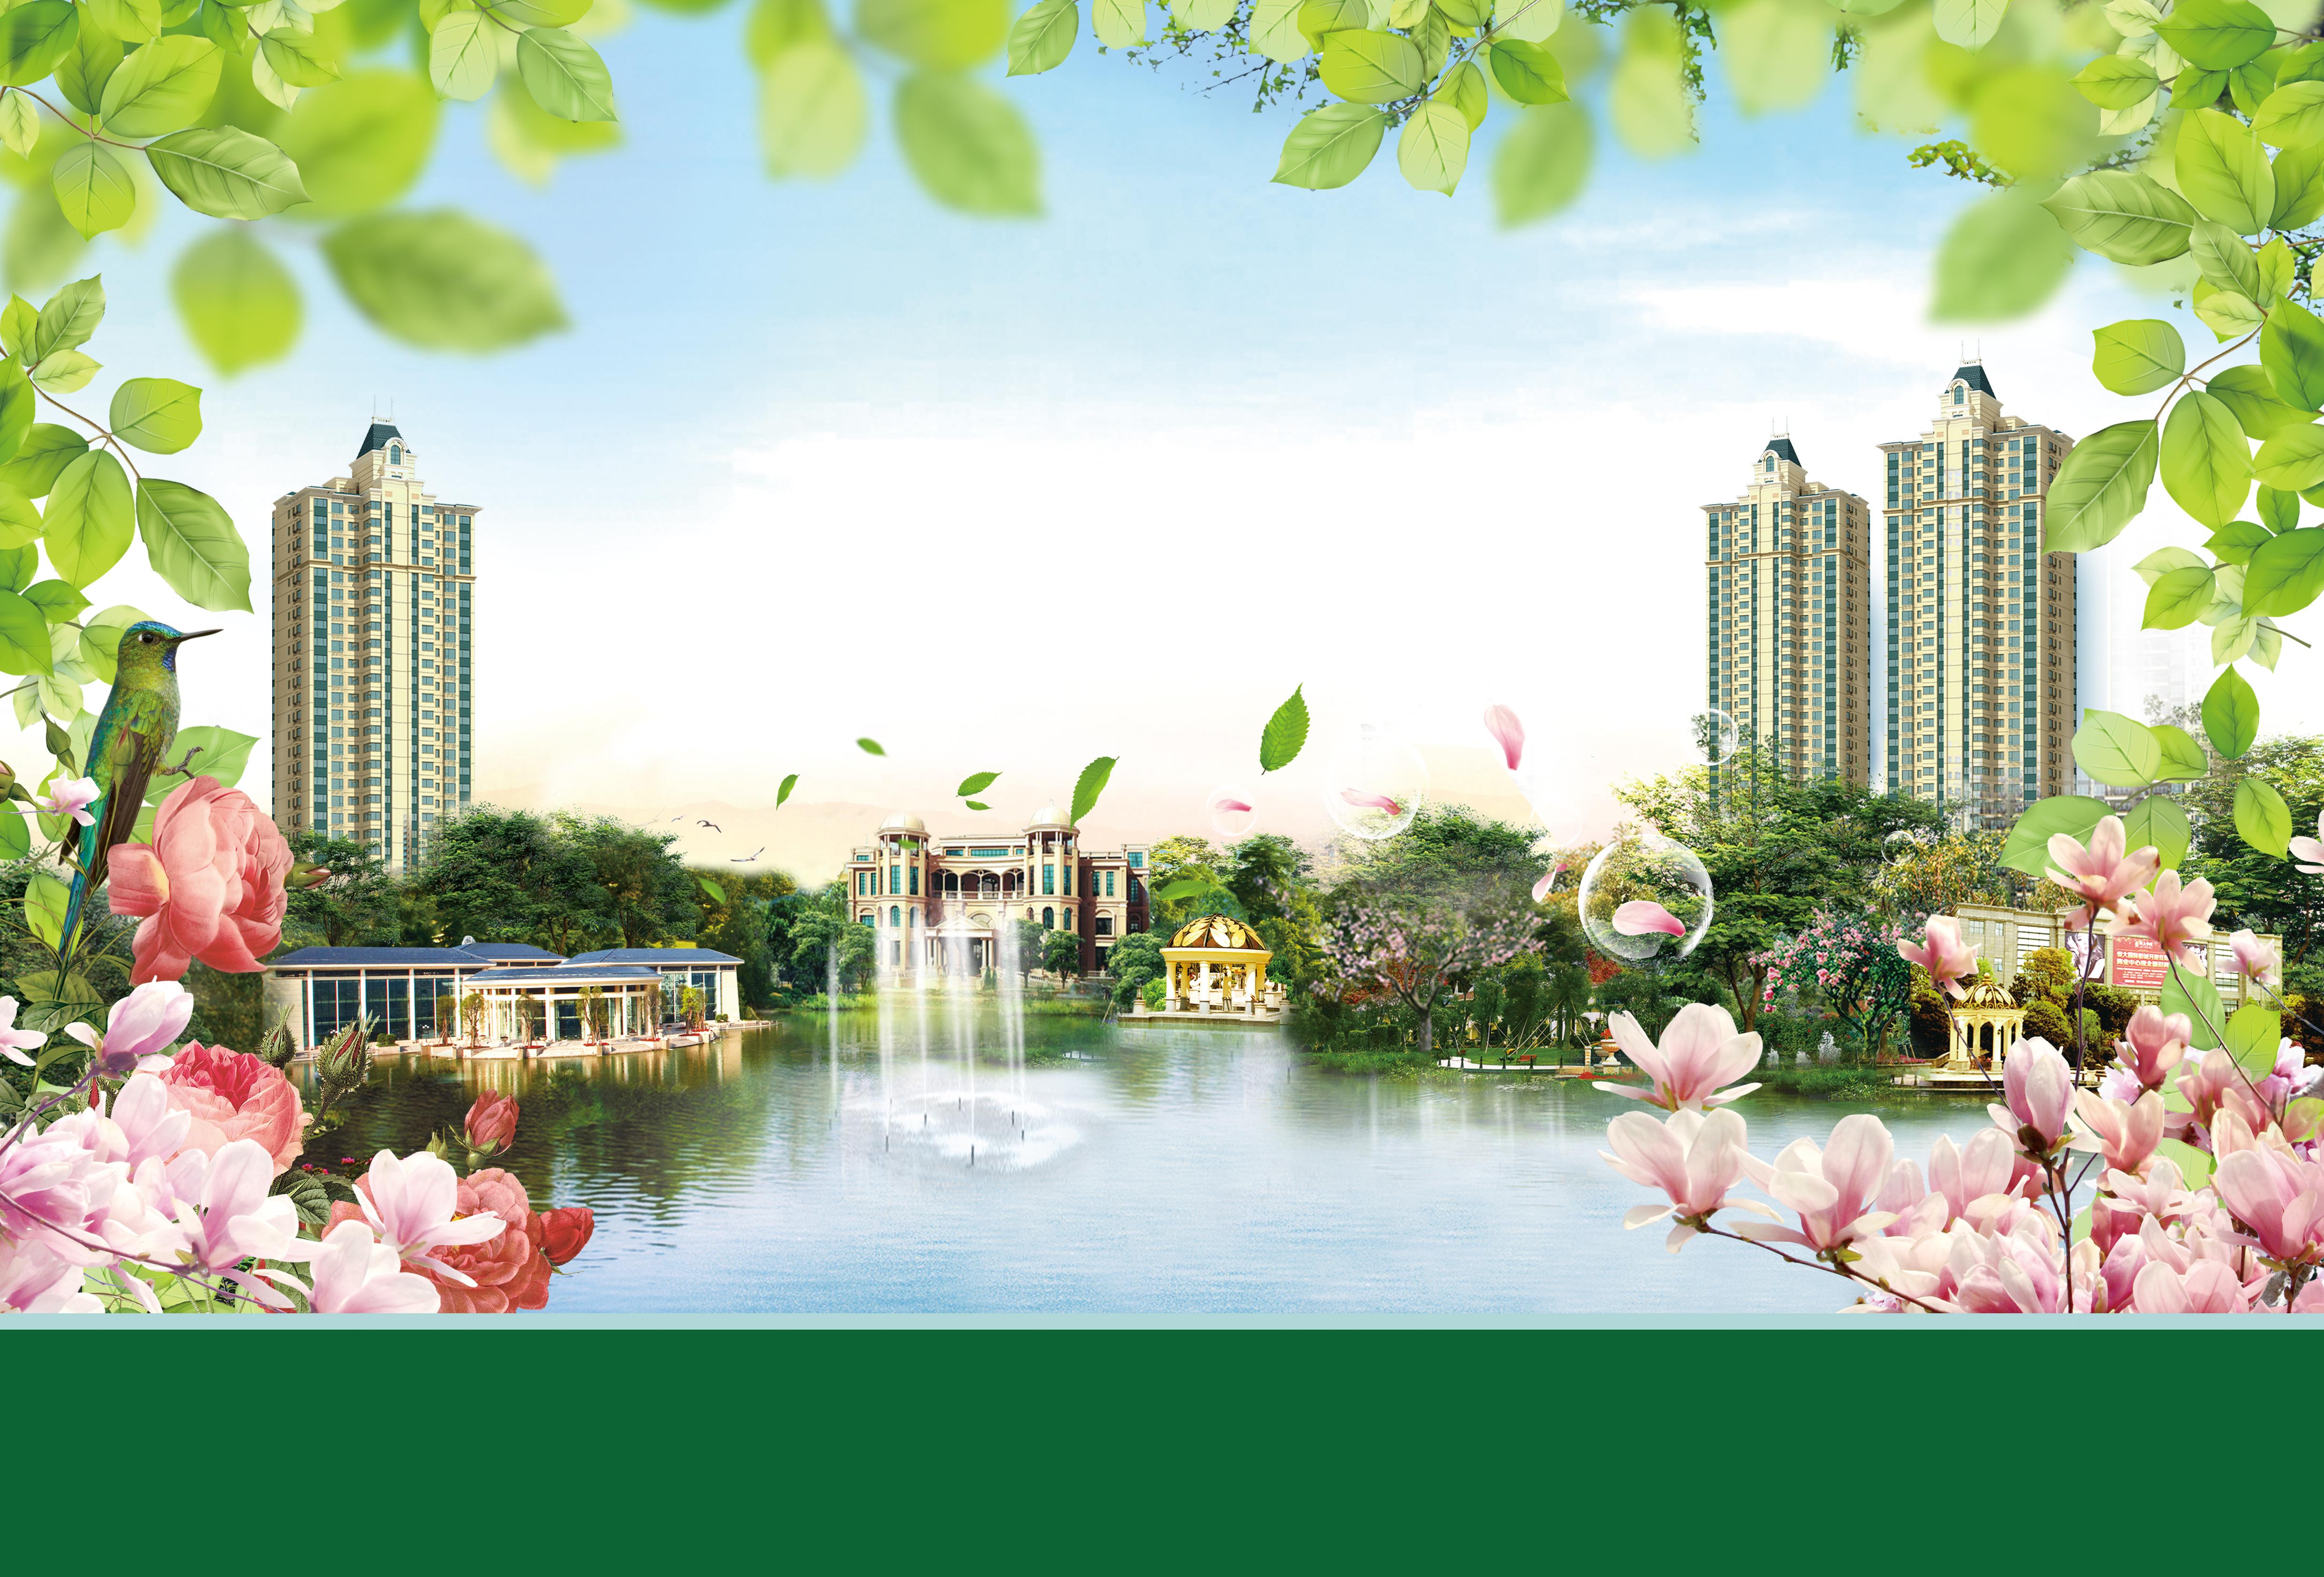 Real Estate Poster Bahan Latar Belakang Imej 1006 Karpet Rumah Cantik Turun Kreatif Harta Untuk Muat Percuma